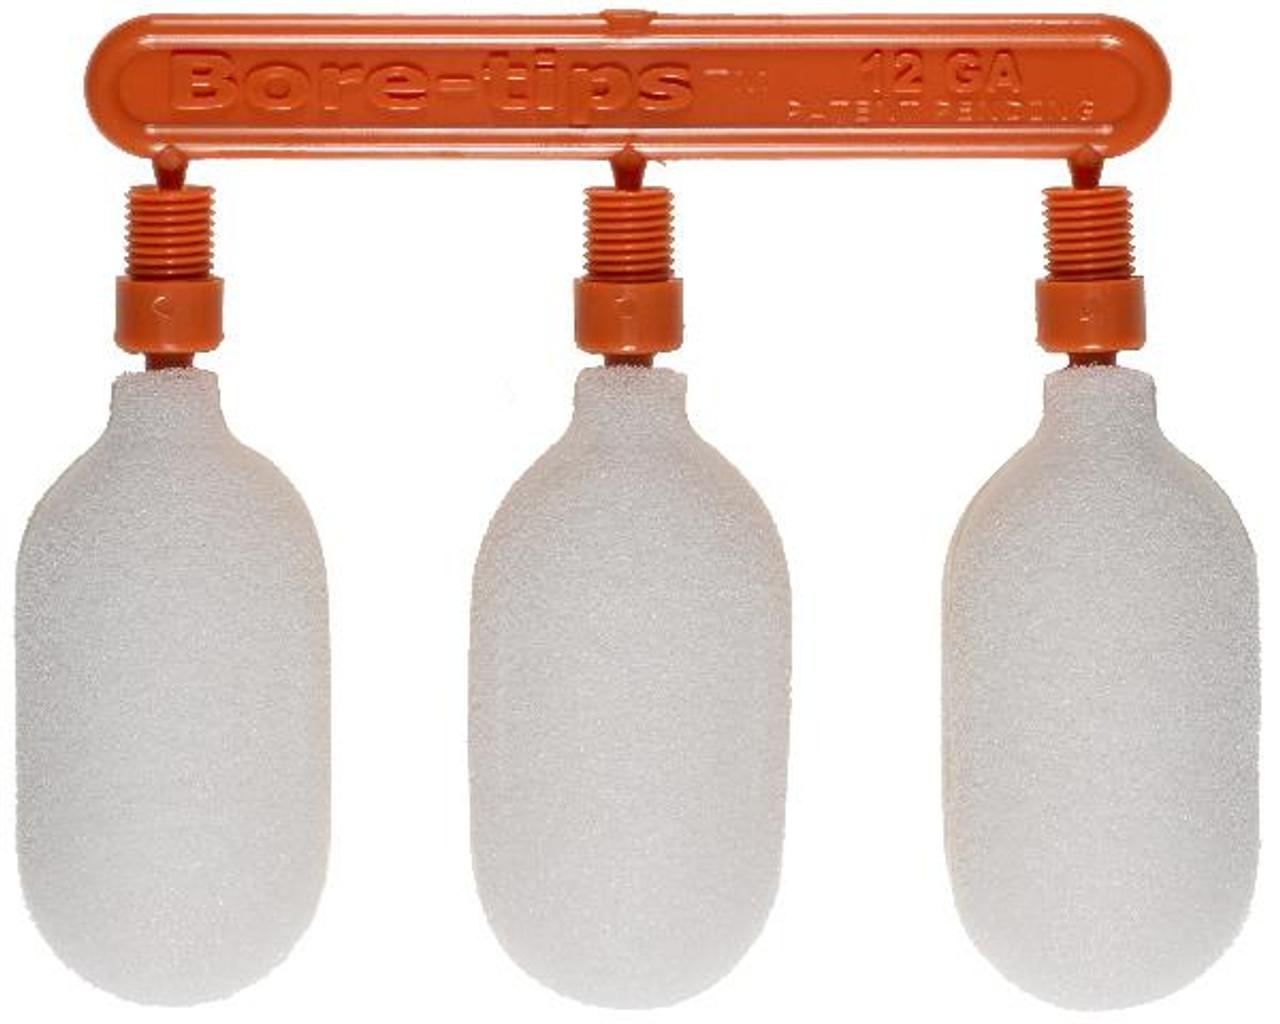 12 Gauge Bore-tips (Bag of 3)